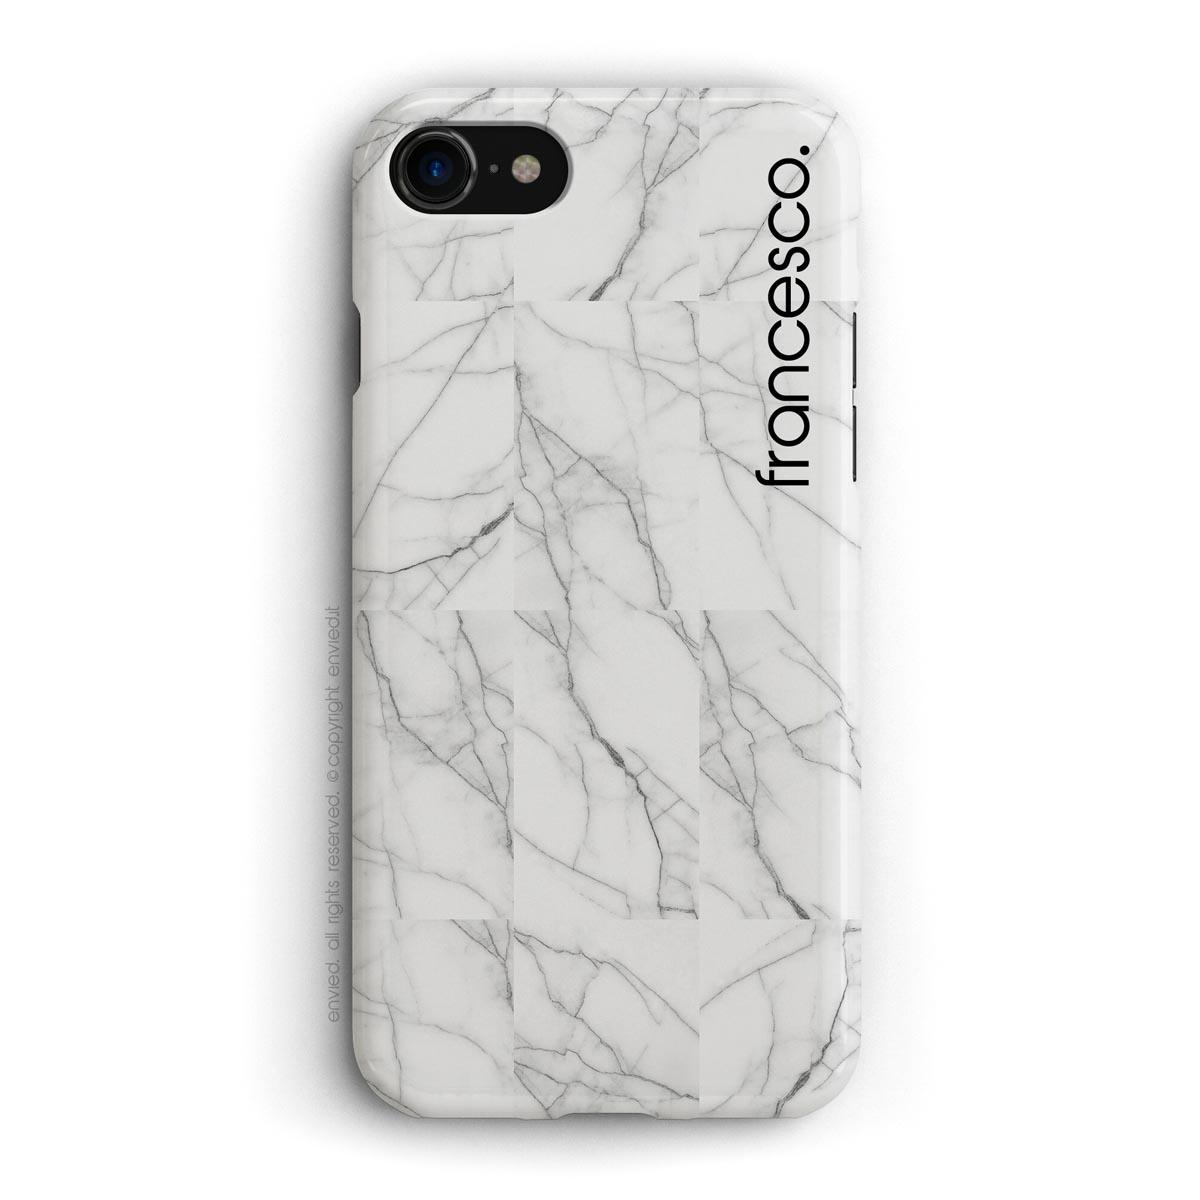 cover per iPhone in marmo bianco a mosaico con nome